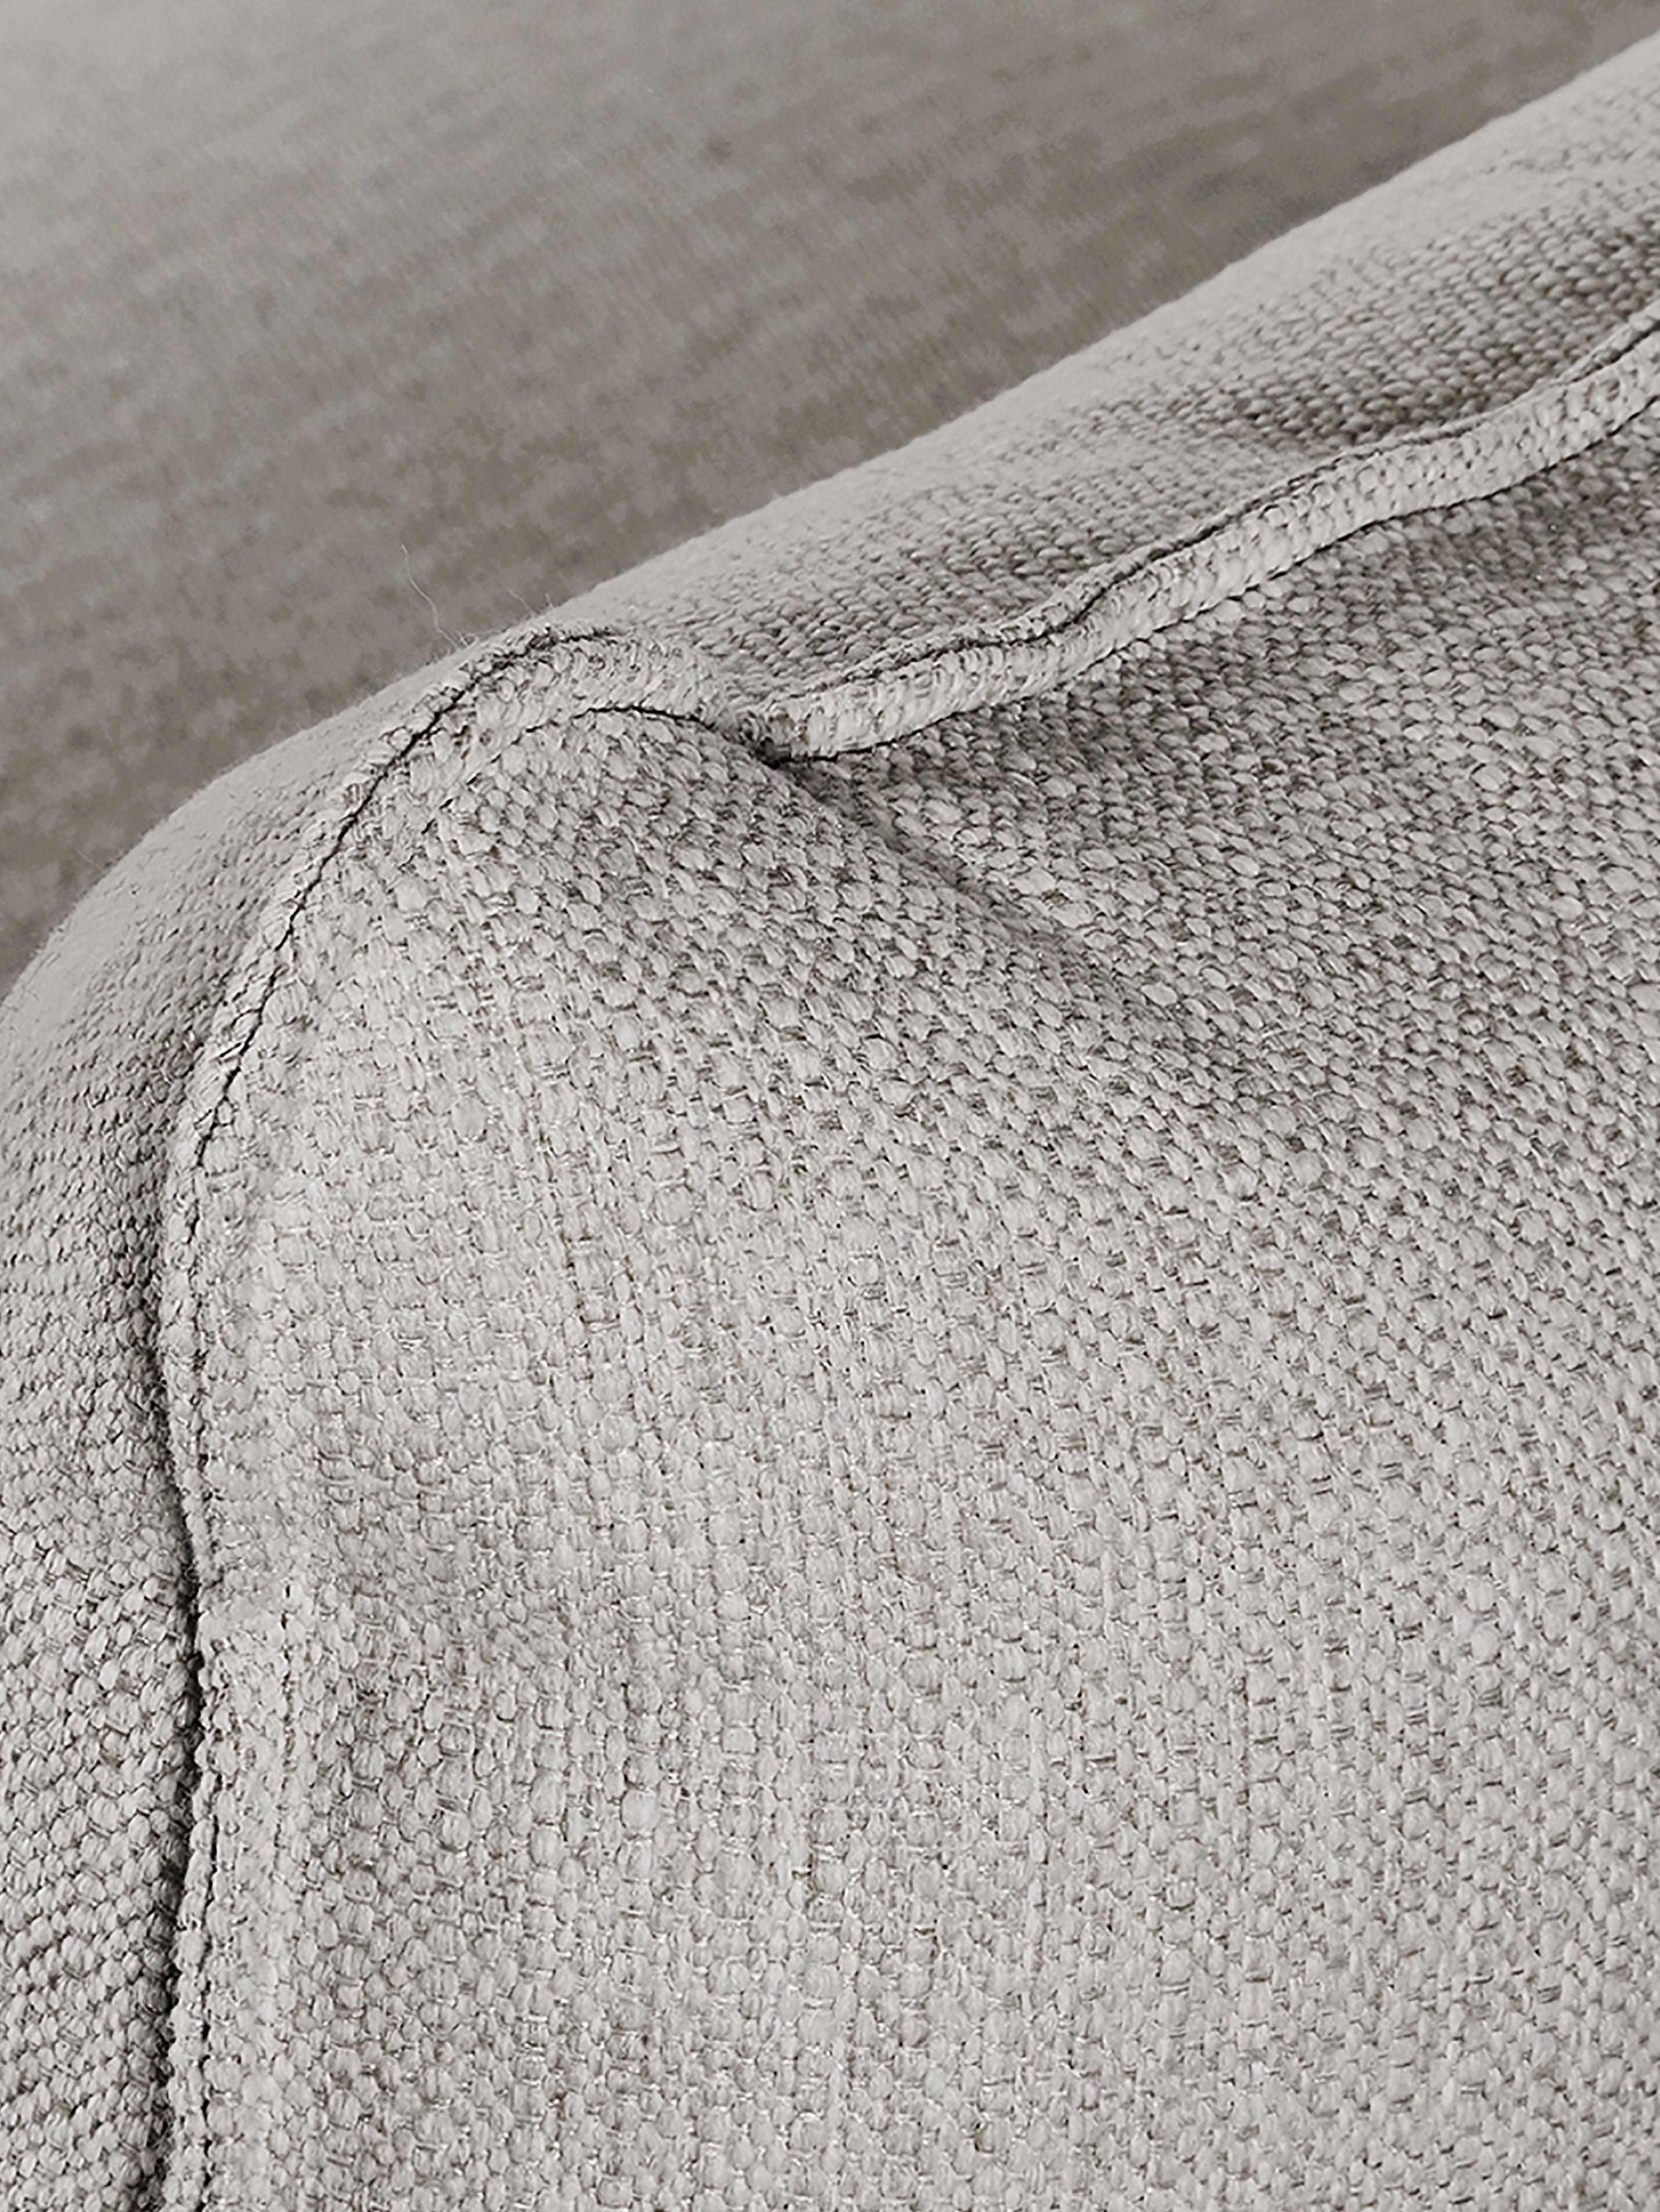 Divano angolare in tessuto grigio beige Tribeca, Rivestimento: poliestere 26.000 cicli d, Seduta: imbottitura in schiuma, m, Struttura: legno di pino massiccio, Piedini: legno di pino massiccio, , Tessuto grigio beige, Larg. 315 x Prof. 228 cm